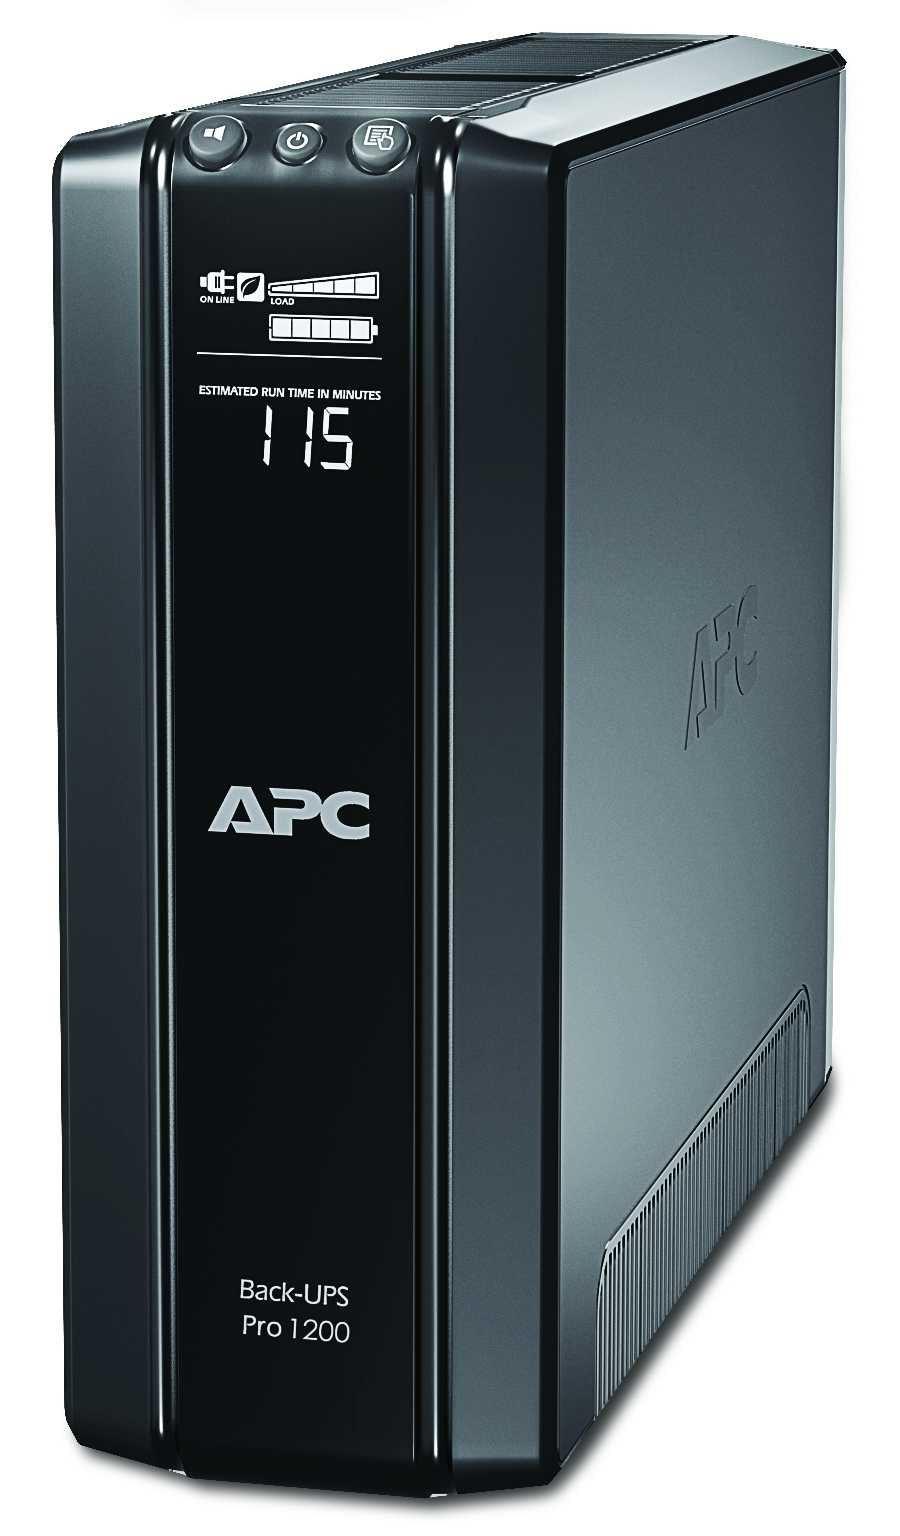 APC Power-Saving Back-UPS RS 1200, 230V (720W) (BR1200GI)